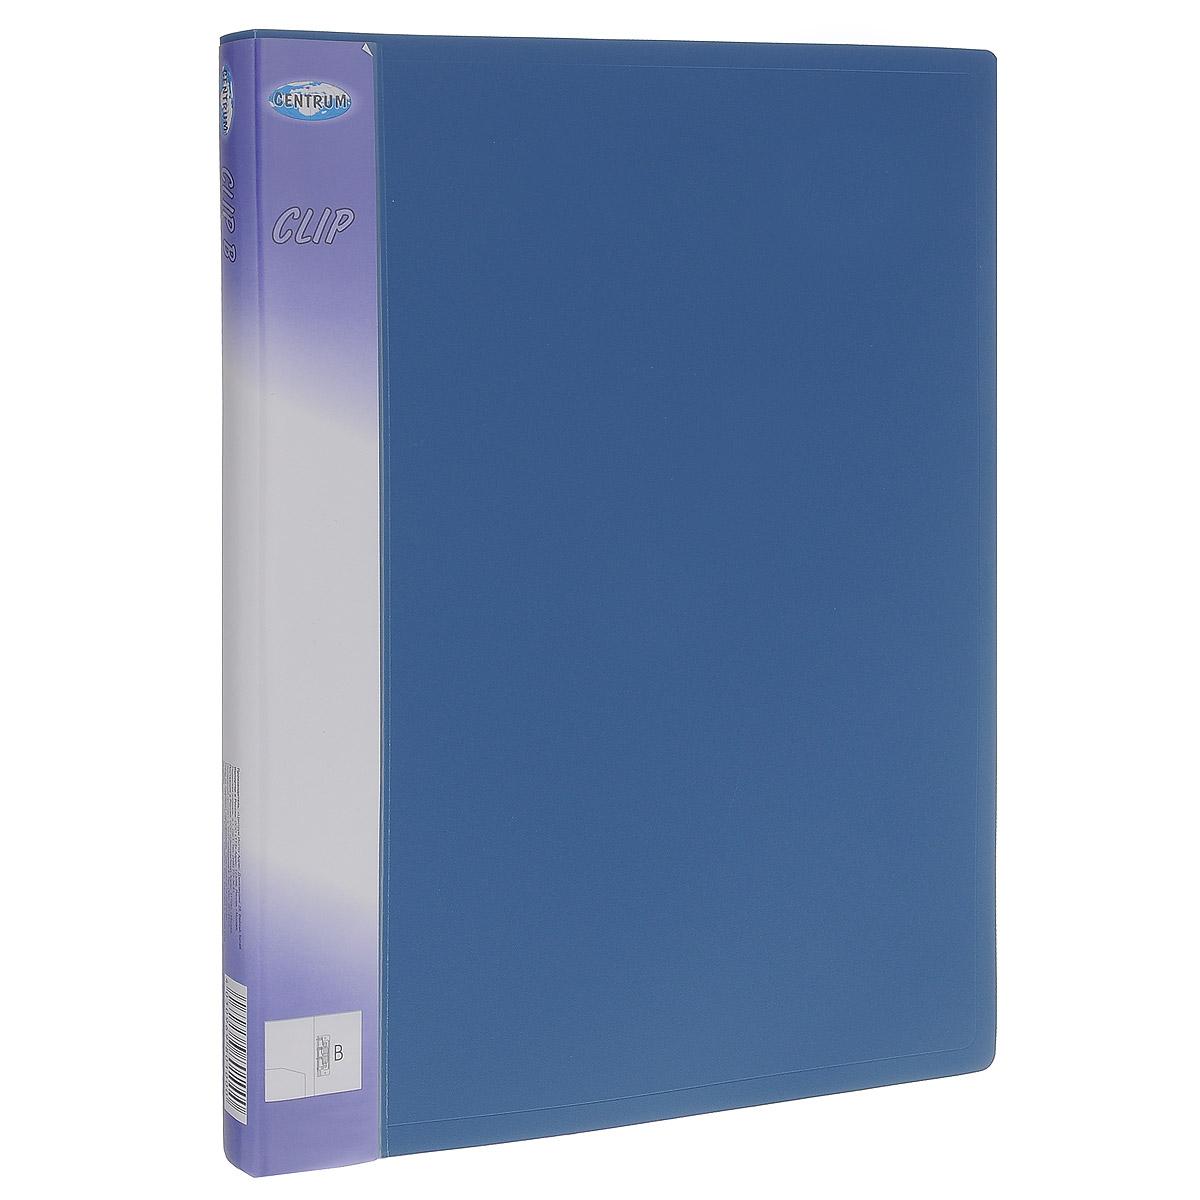 Папка с боковым зажимом Centrum Clip, цвет: синий. Формат А480100_синийПапка с боковым зажимом Centrum Clip - это удобный и практичный офисный инструмент, предназначенный для хранения и транспортировки рабочих бумаг и документов формата А4. Папка изготовлена из прочного пластика и оснащена металлическим зажимом и внутренним прозрачным кармашком. Папка с боковым зажимом - это незаменимый атрибут для студента, школьника, офисного работника. Такая папка надежно сохранит ваши документы и сбережет их от повреждений, пыли и влаги.